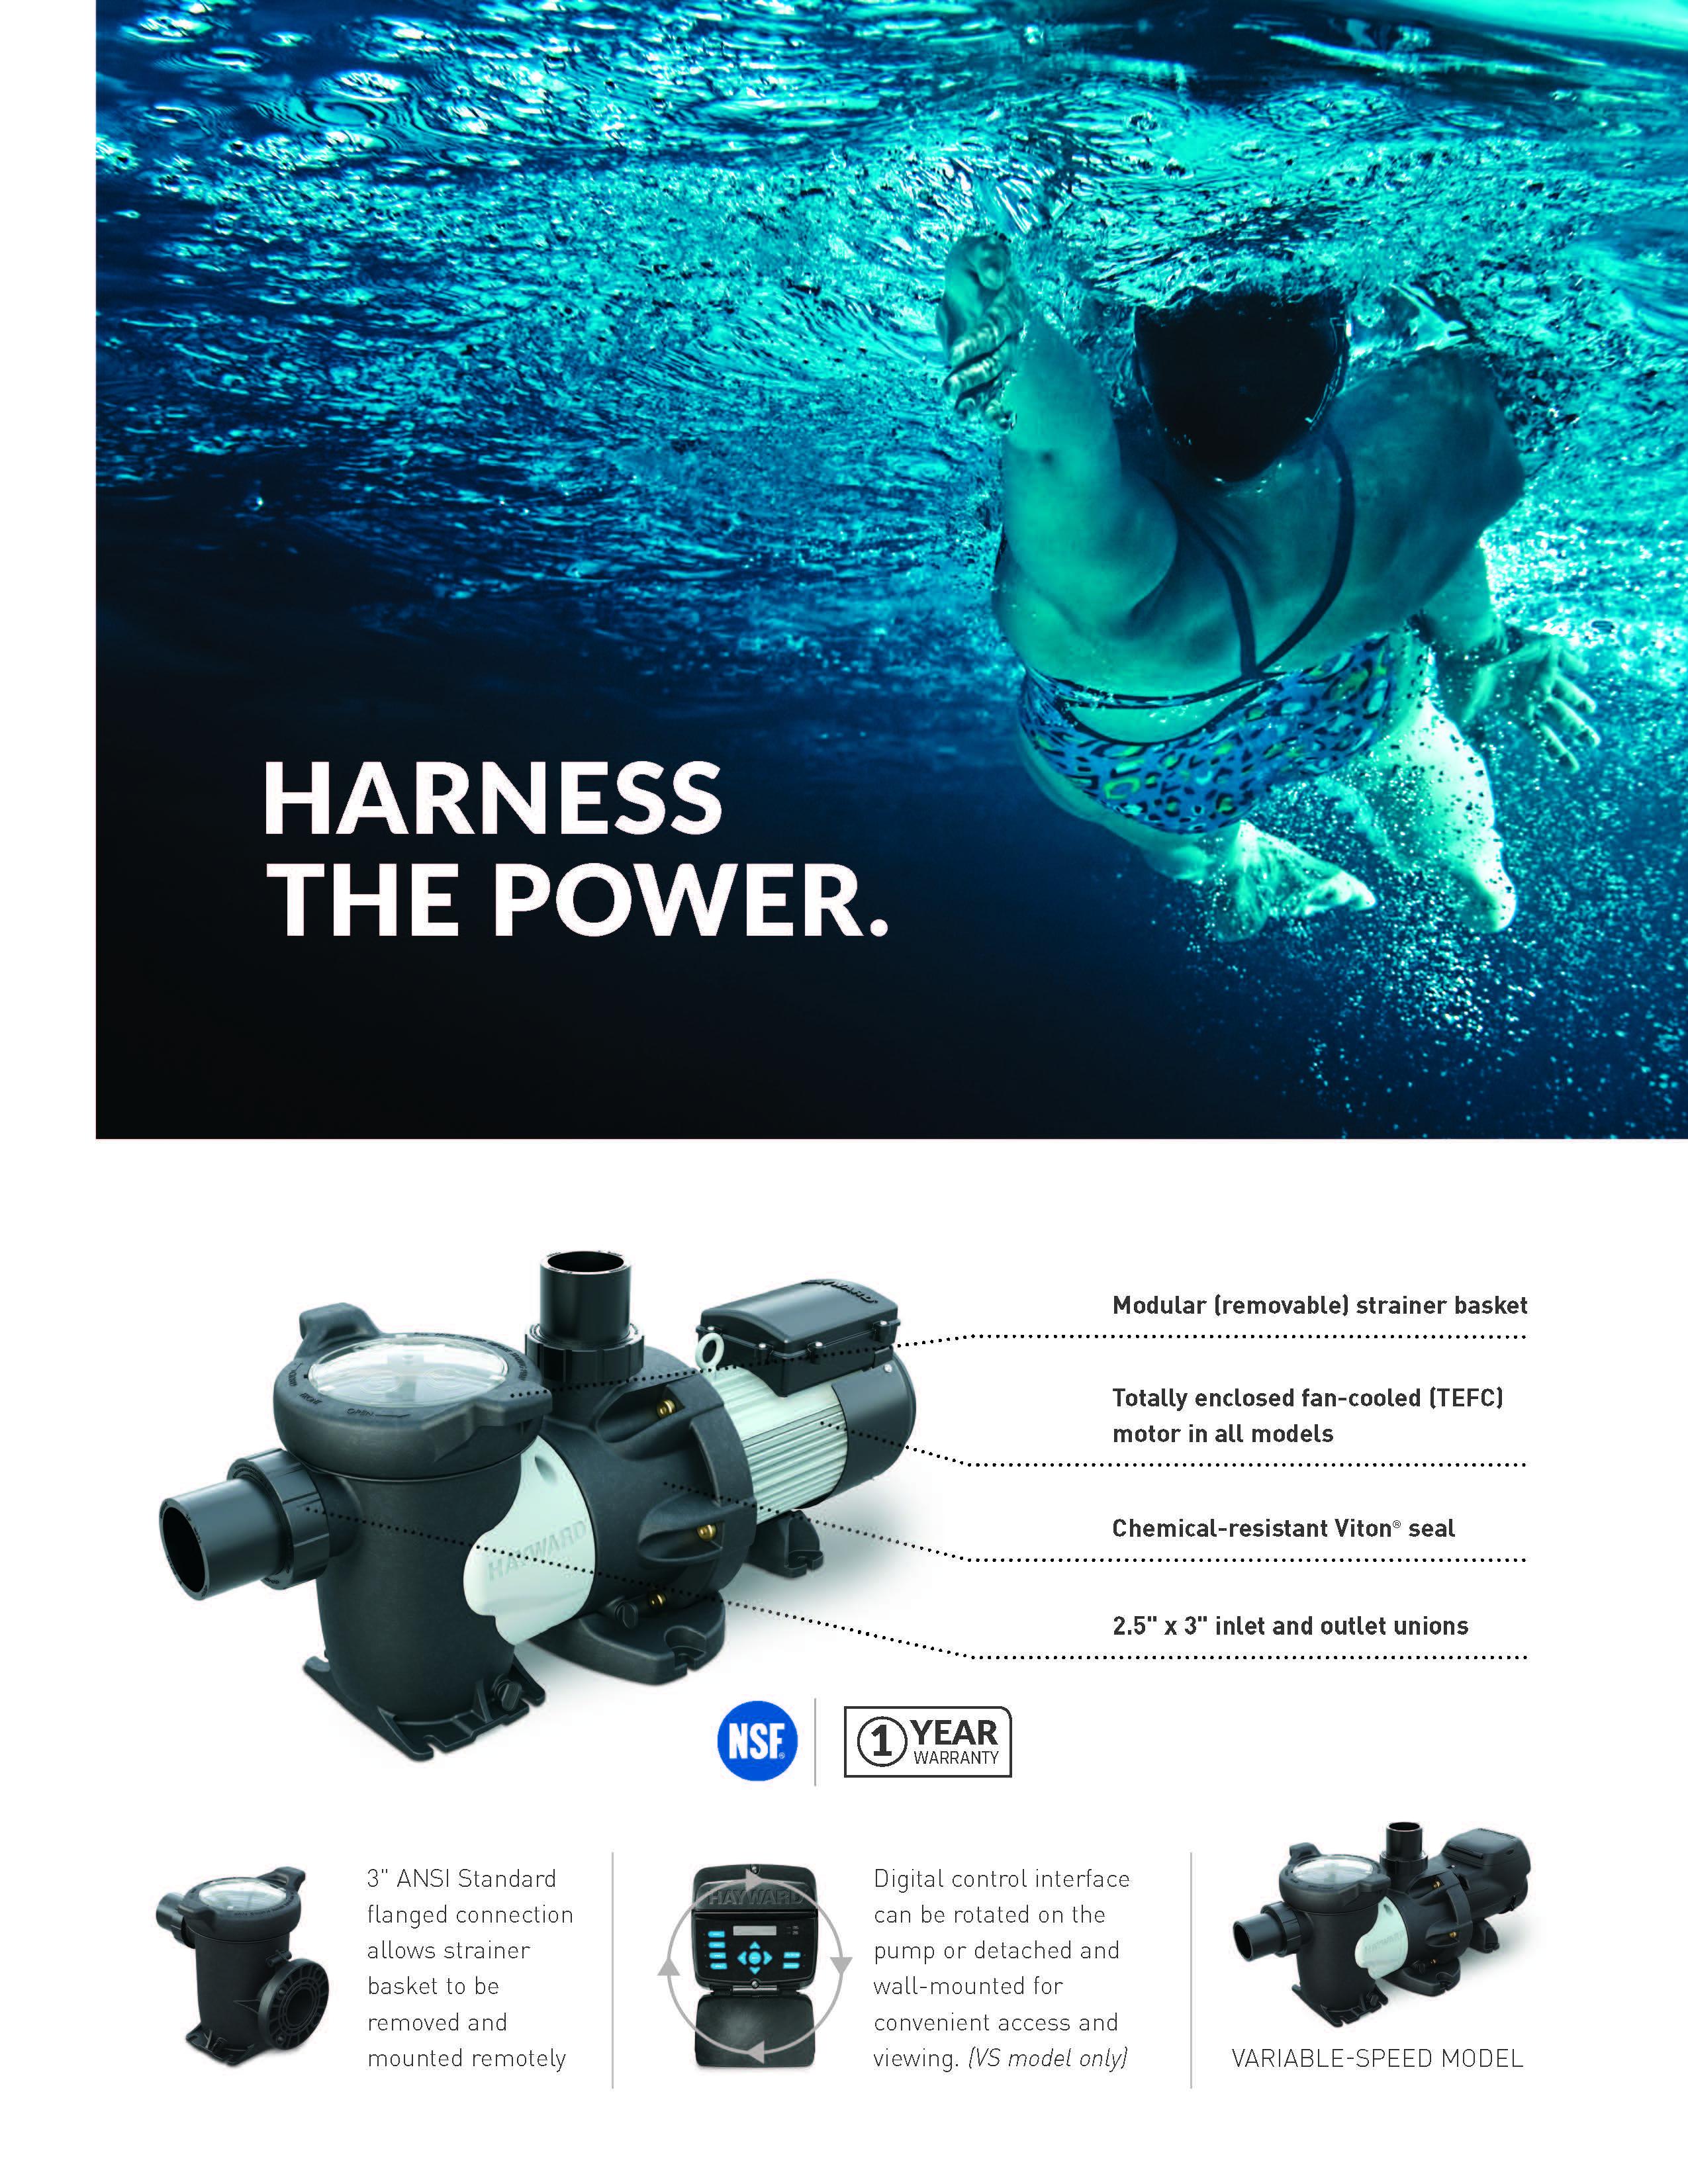 ปั๊มสระว่ายน้ำ Hayward HCP30503